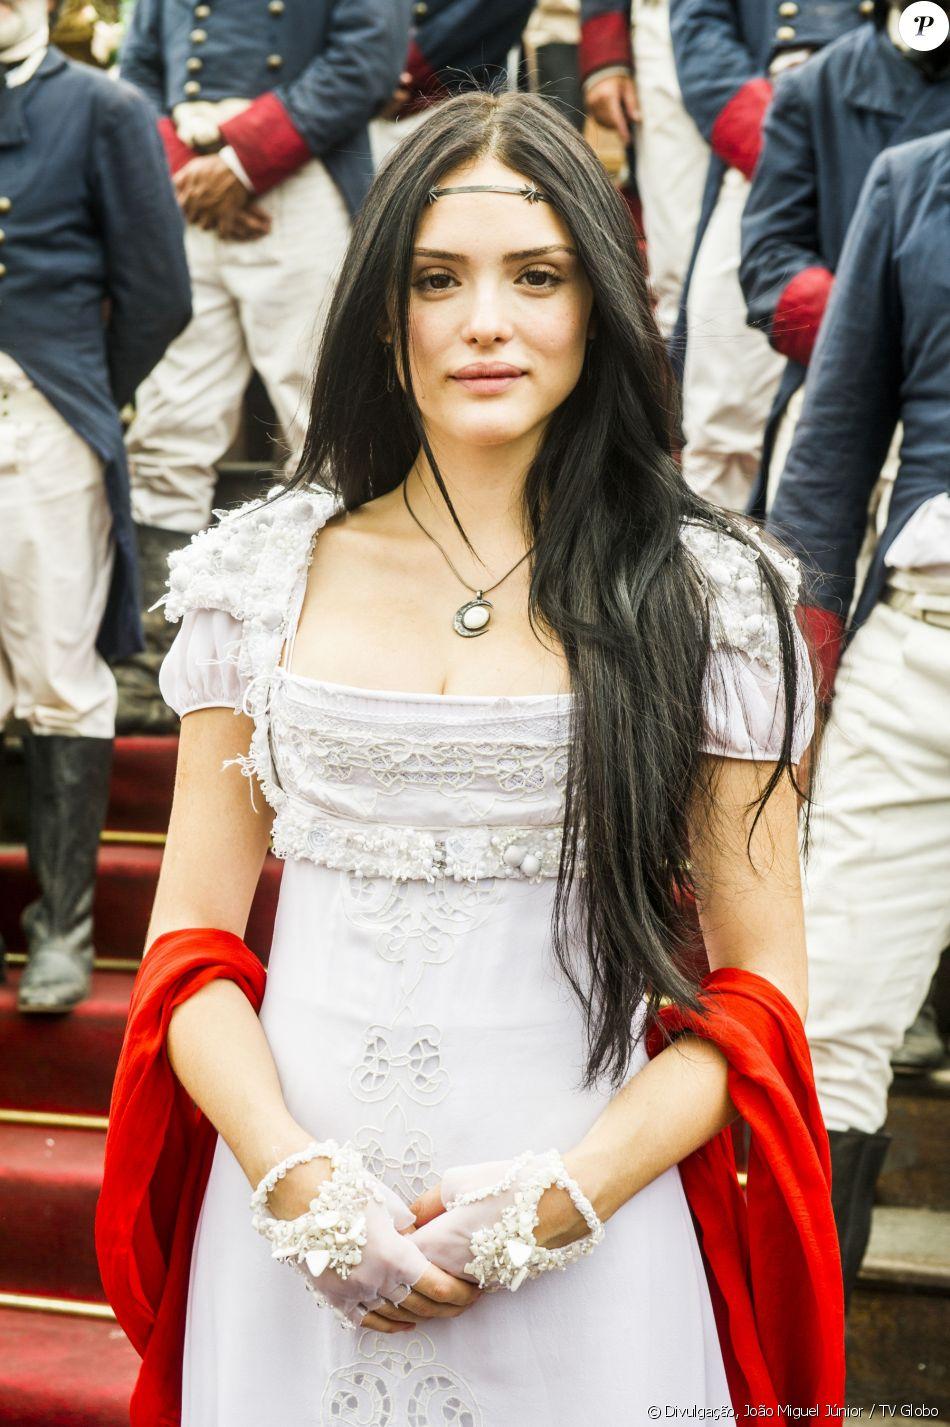 Isabelle Drummond é exaltada na web por personagem Anna em estreia da novela das seis 'Novo Mundo' nesta quarta-feira, dia 22 de março de 2016